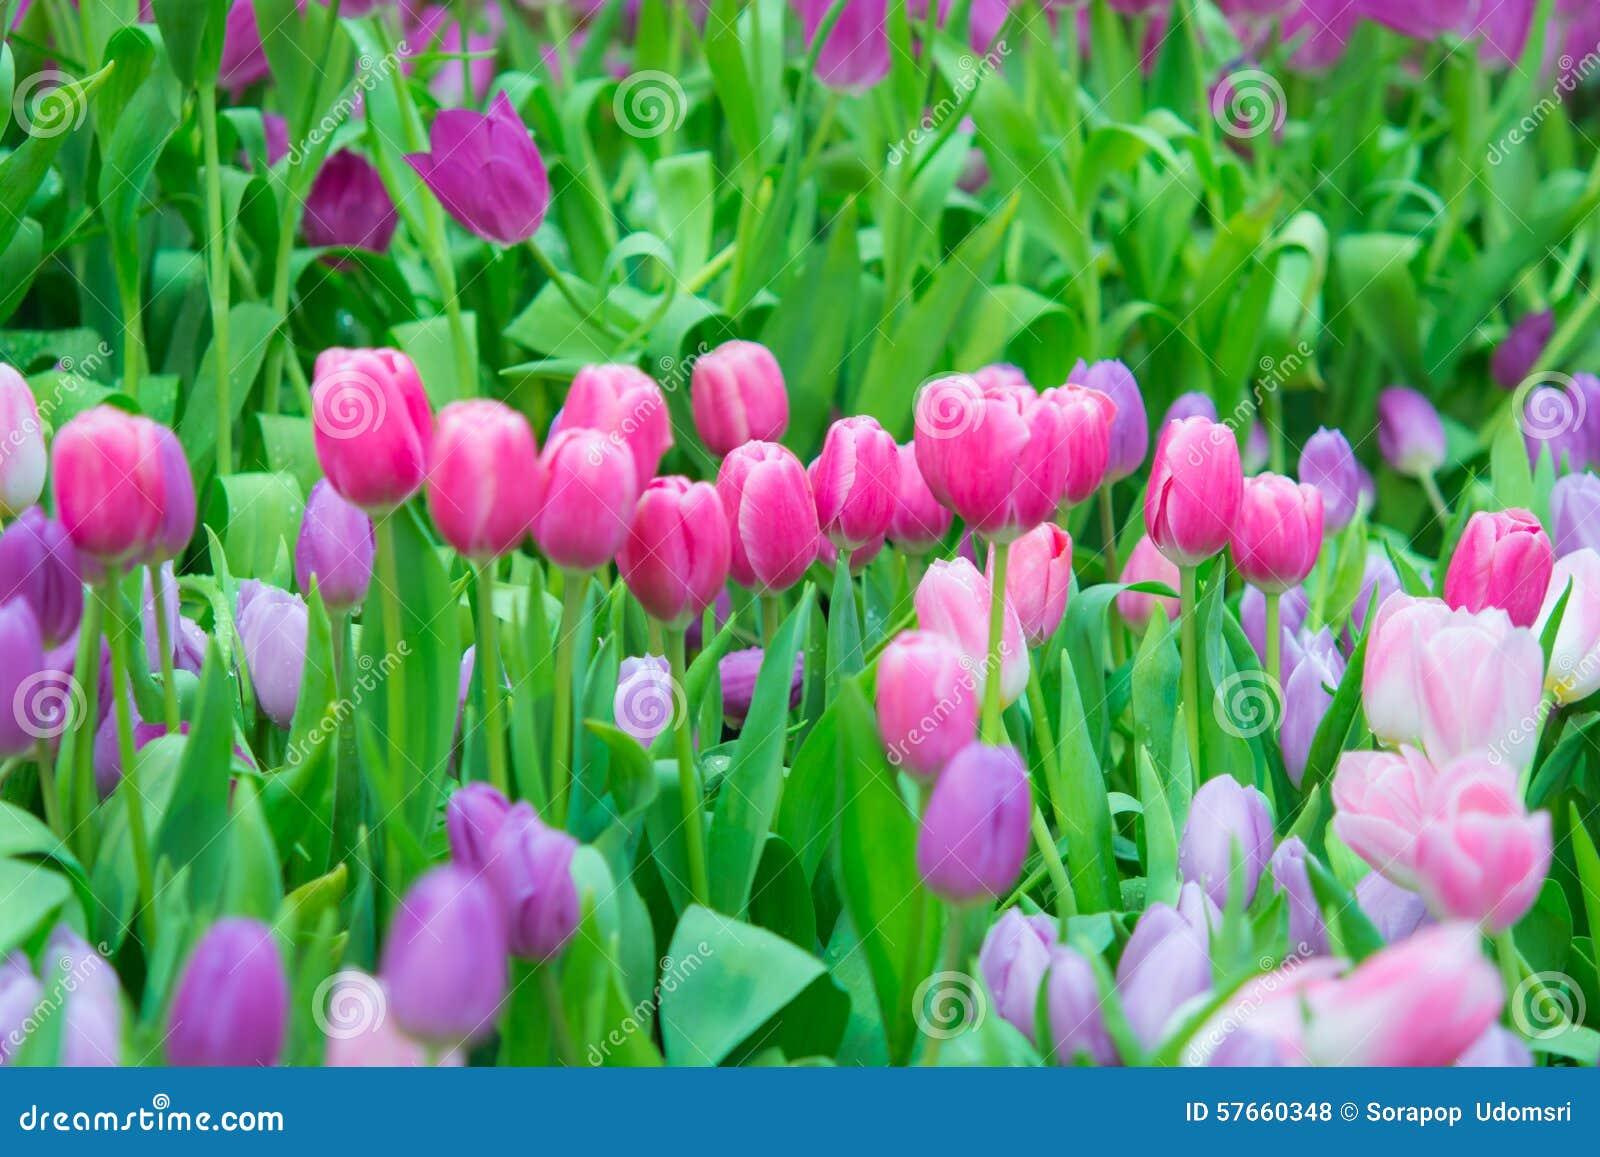 Mooie kleurrijke Tulpenbloem